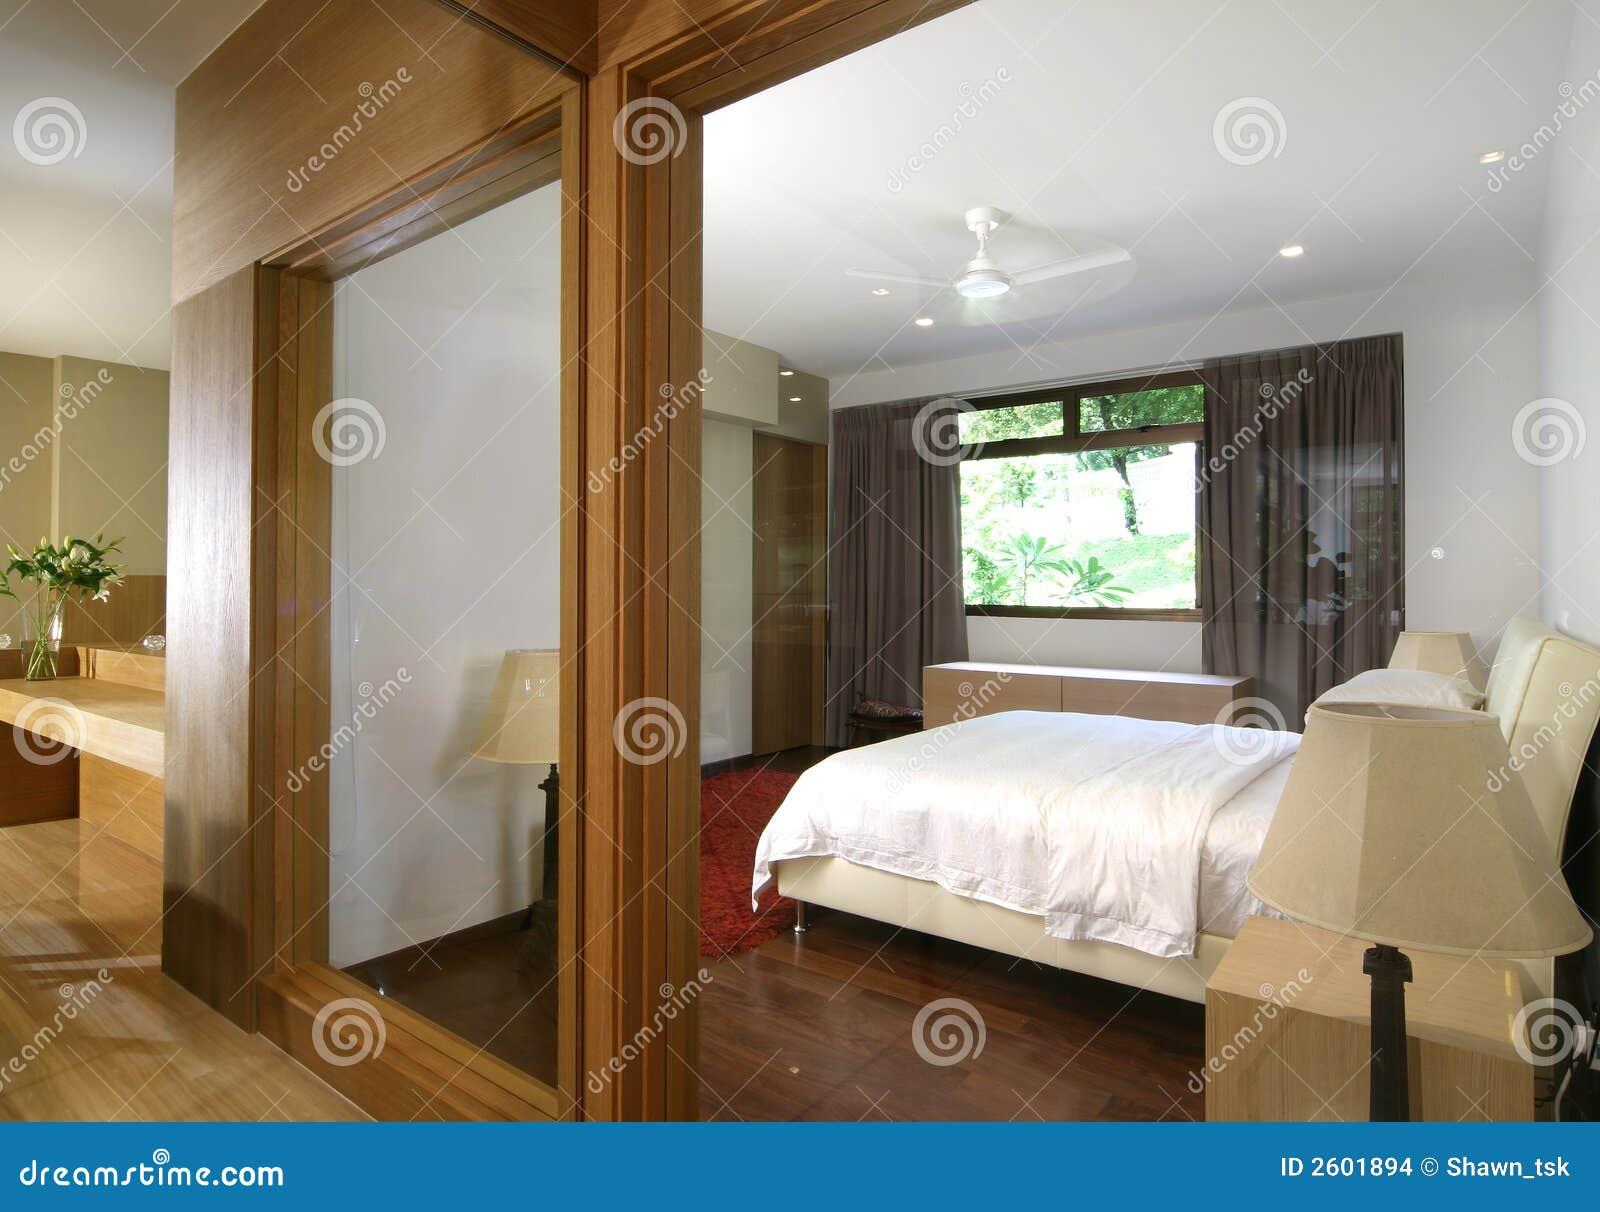 Innenarchitektur - Schlafzimmer Stockfoto - Bild von türen ...